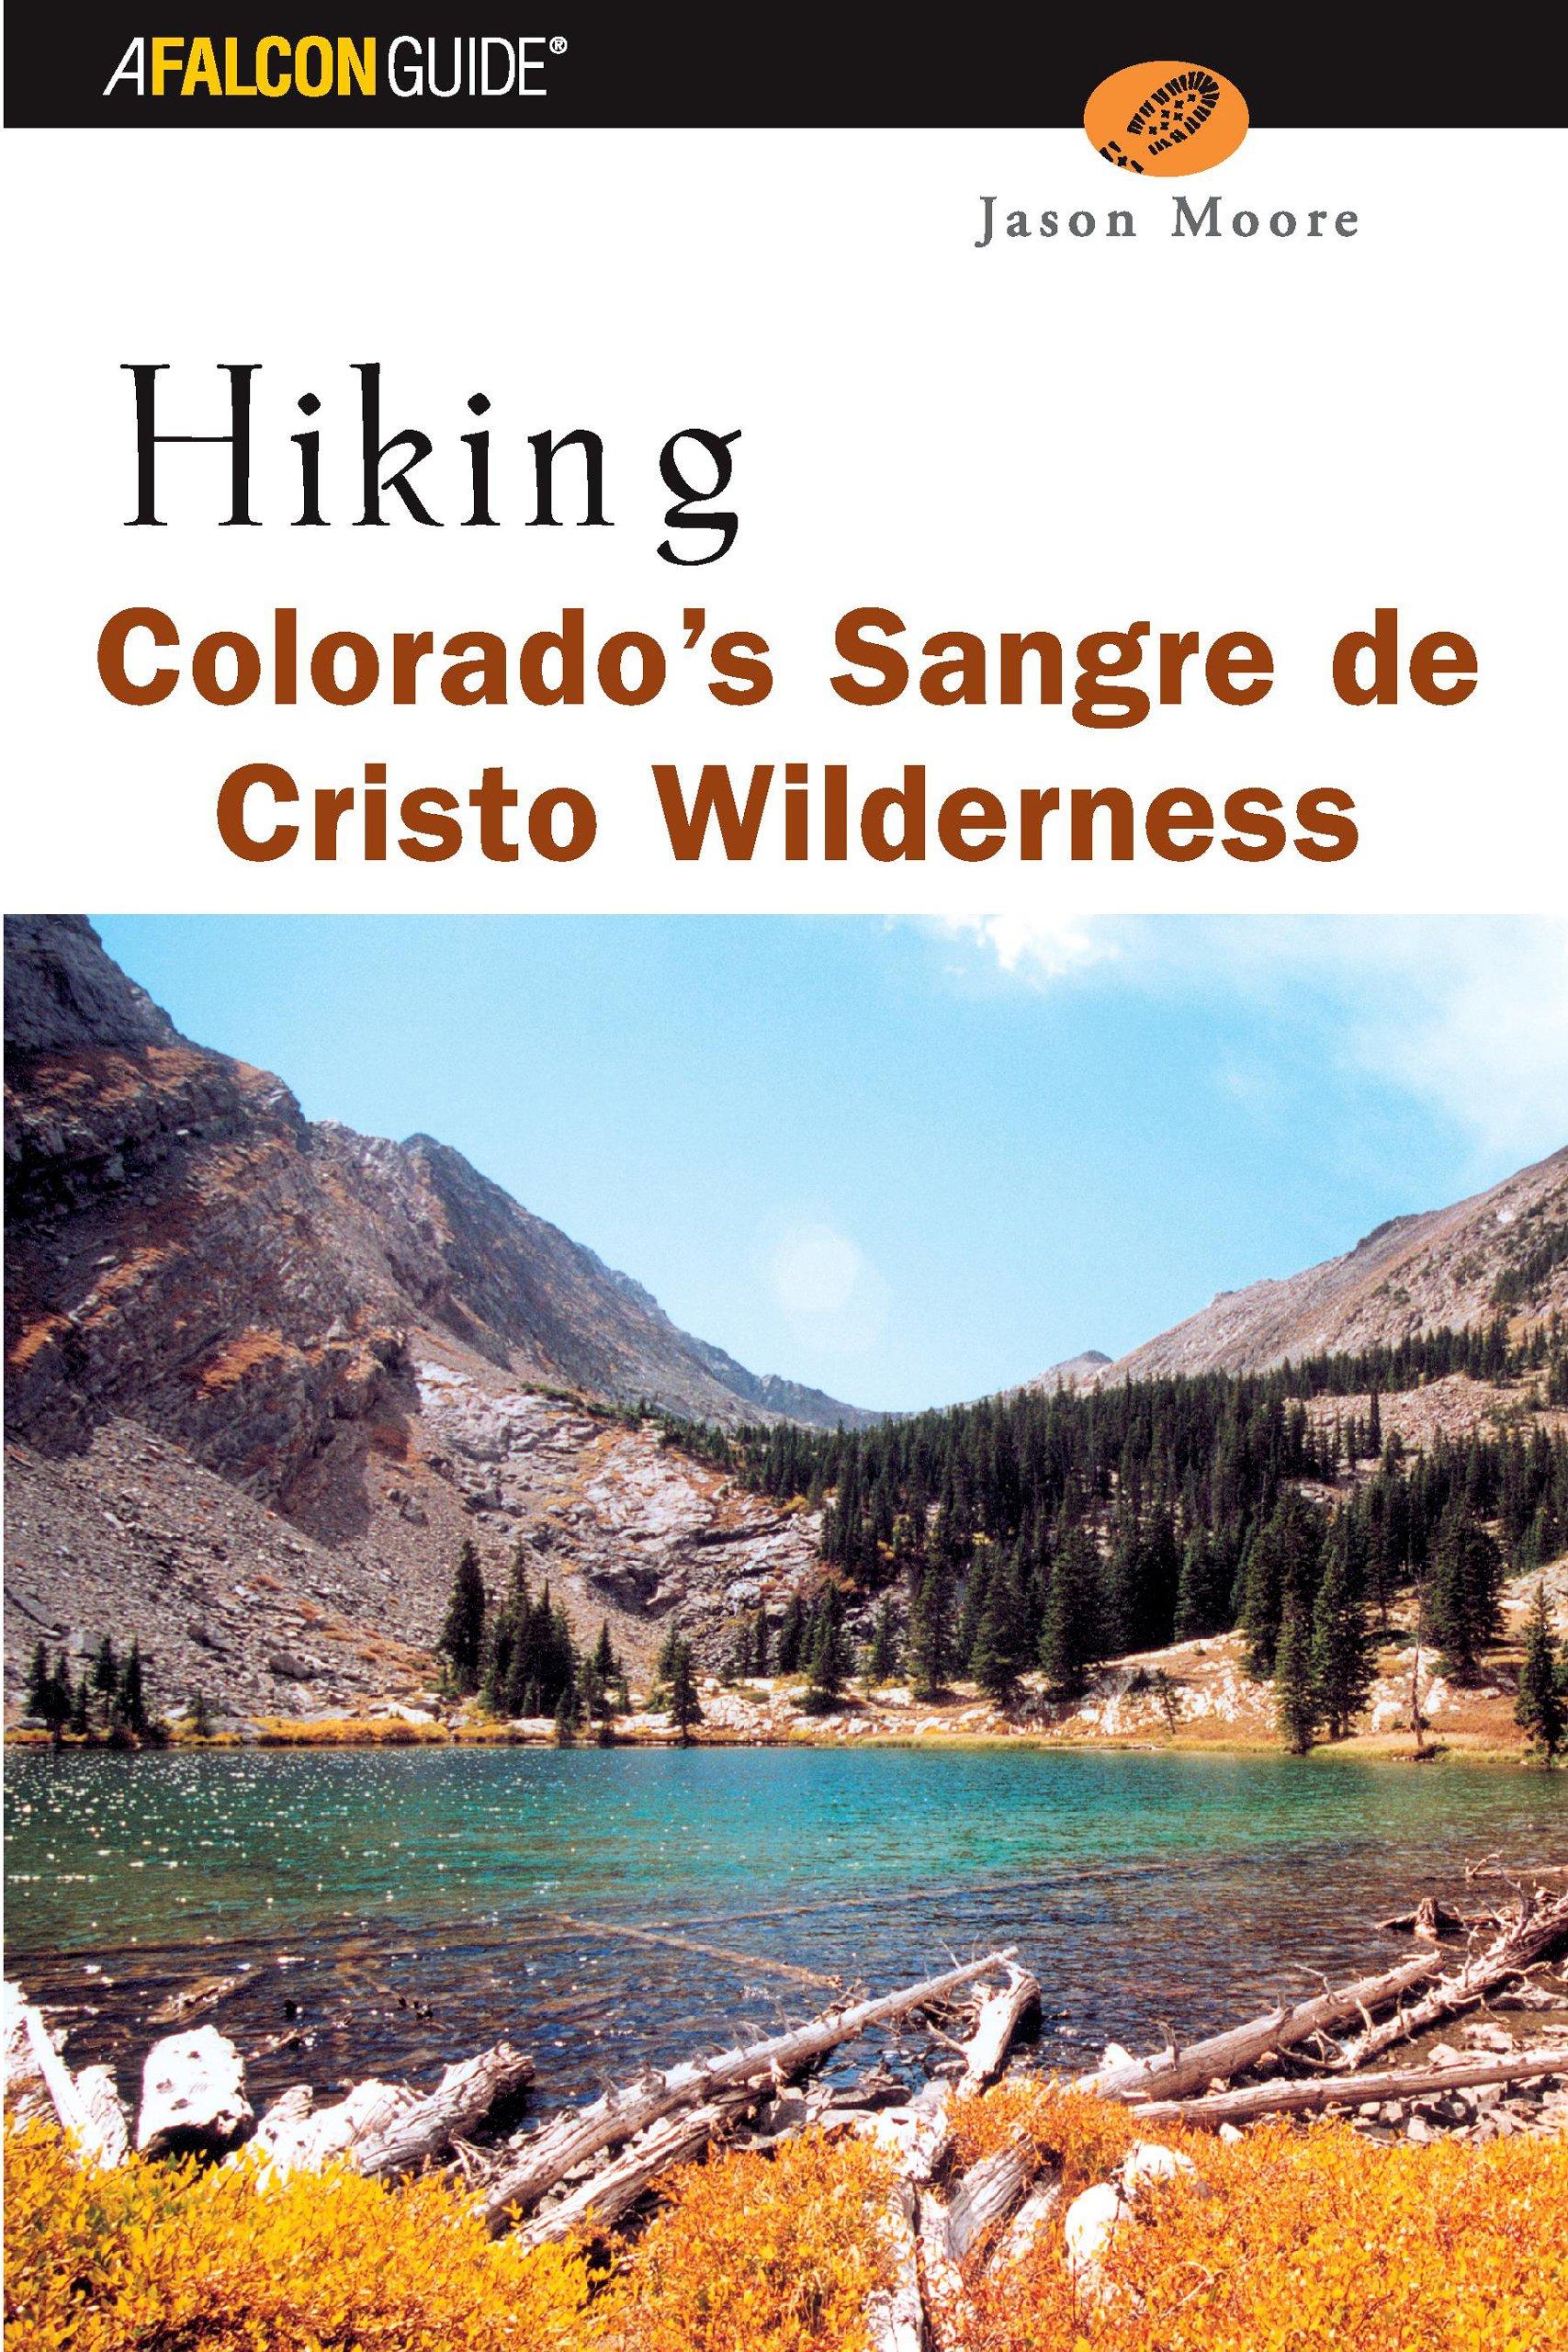 Falcon Hiking Colorado's Sangre De Cristo Wilderness  Falcon Guide Hiking Colorado's Sangre De Christo Wilderness